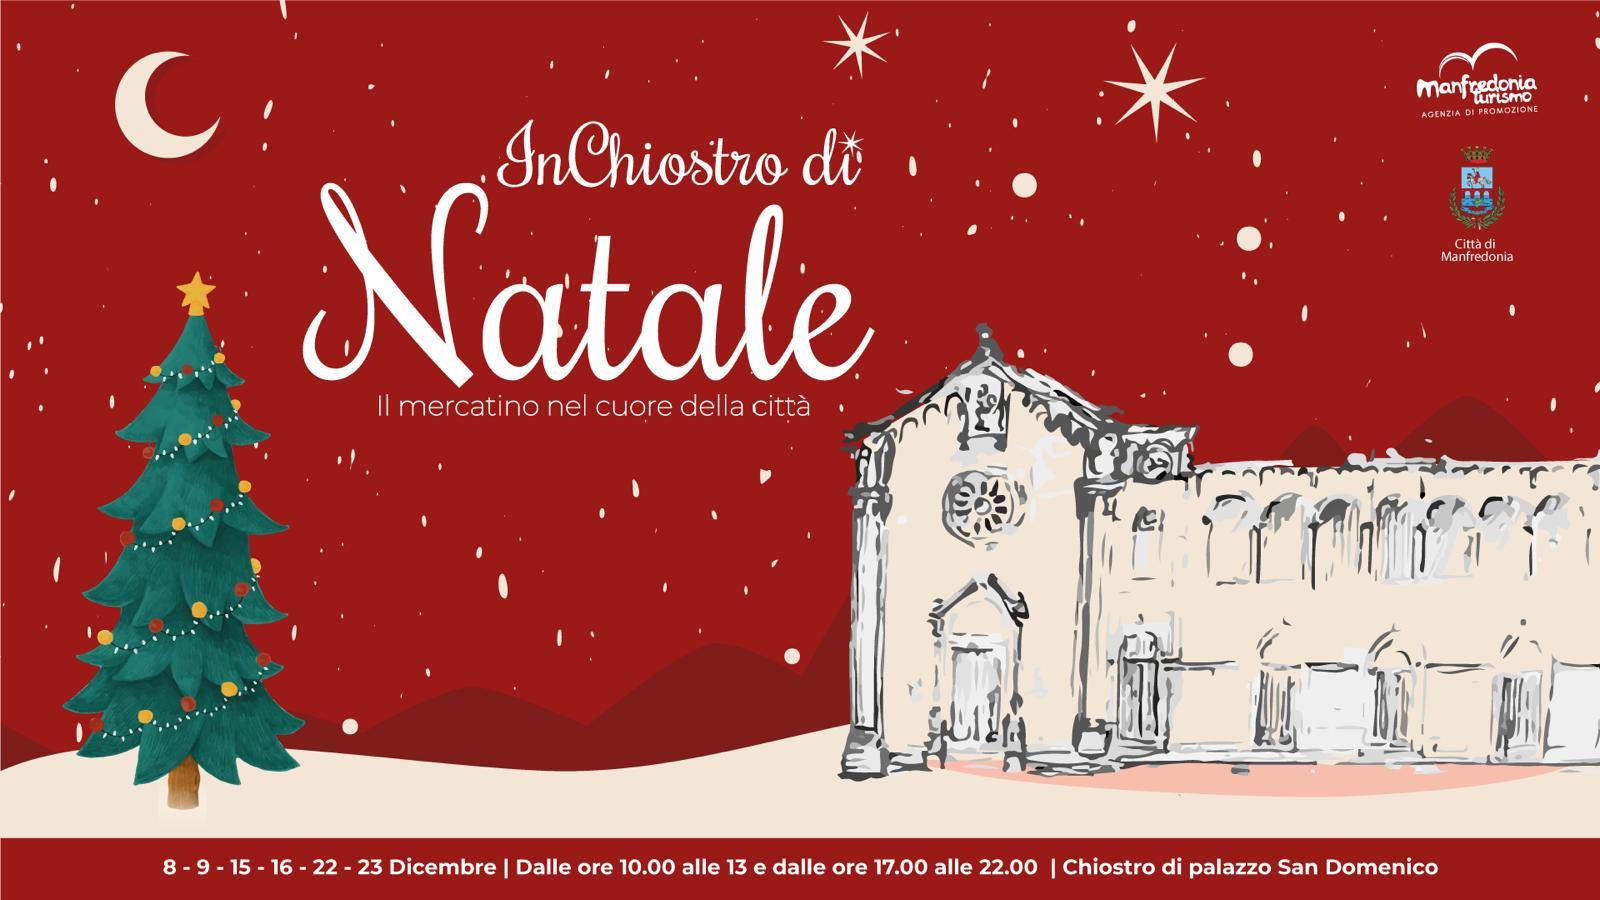 Inchiostro Di Natale Manfredonia